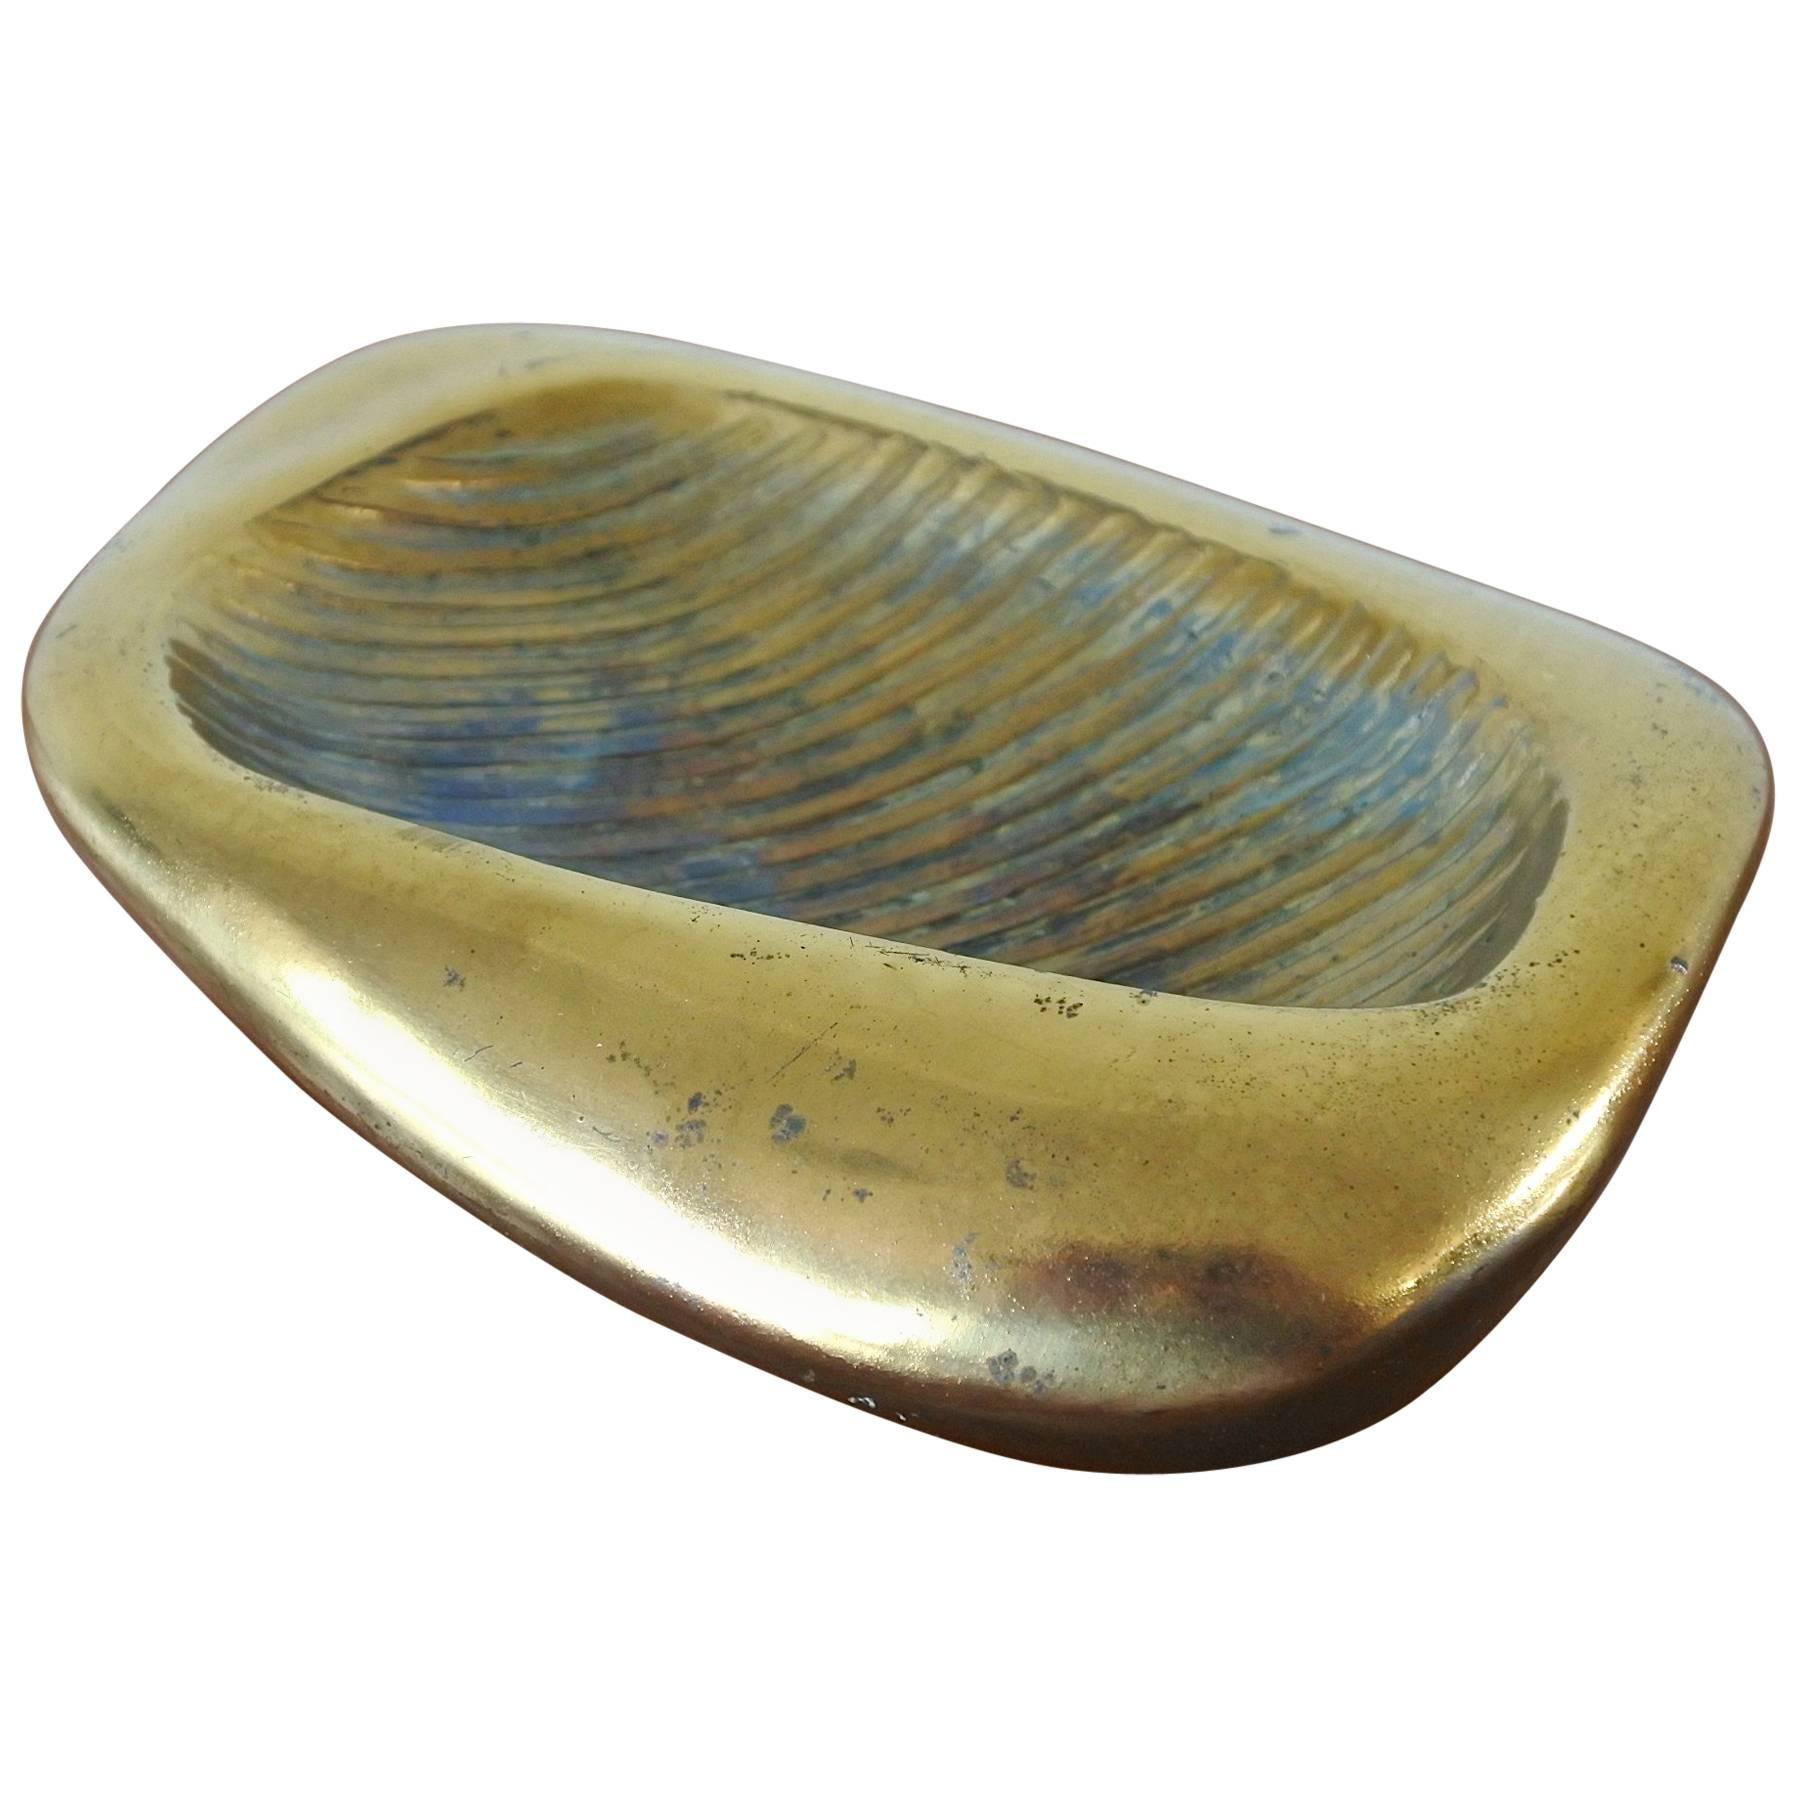 Ben Seibel Midcentury Brass Vide Poche for Jenfredware, USA, 1950s